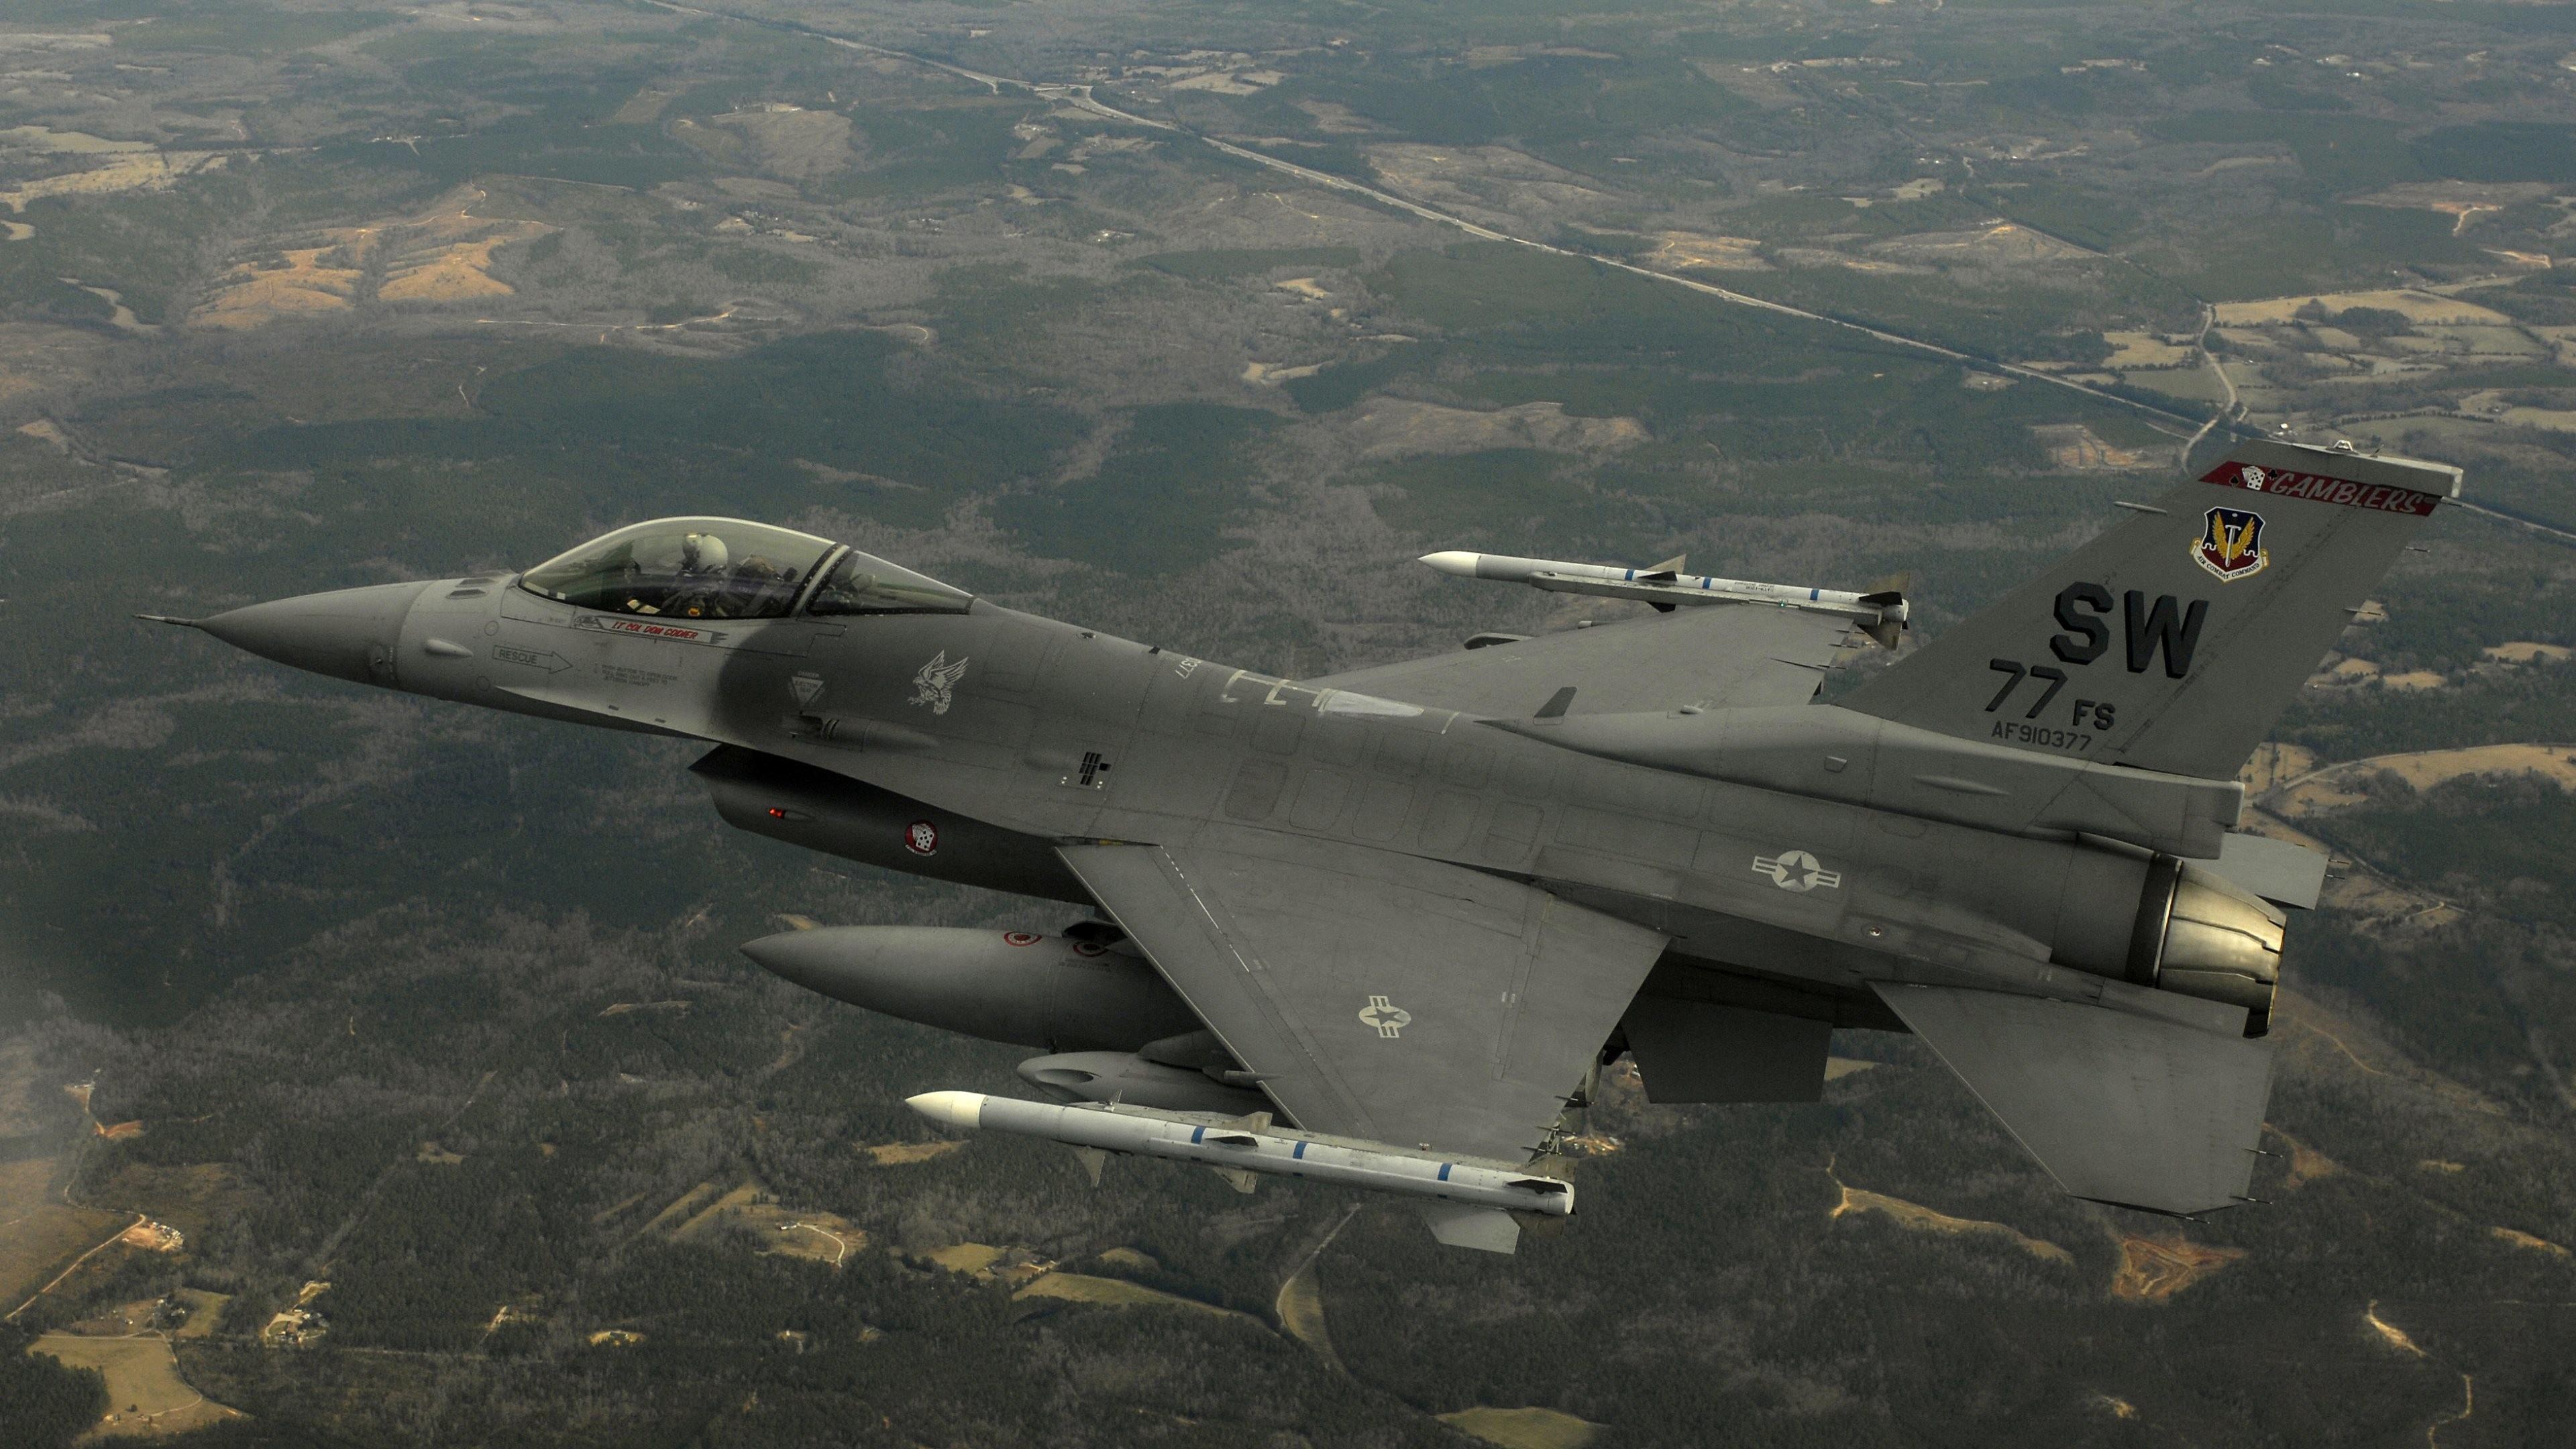 4K HD Wallpaper: Lockheed Martin F-16 in flight